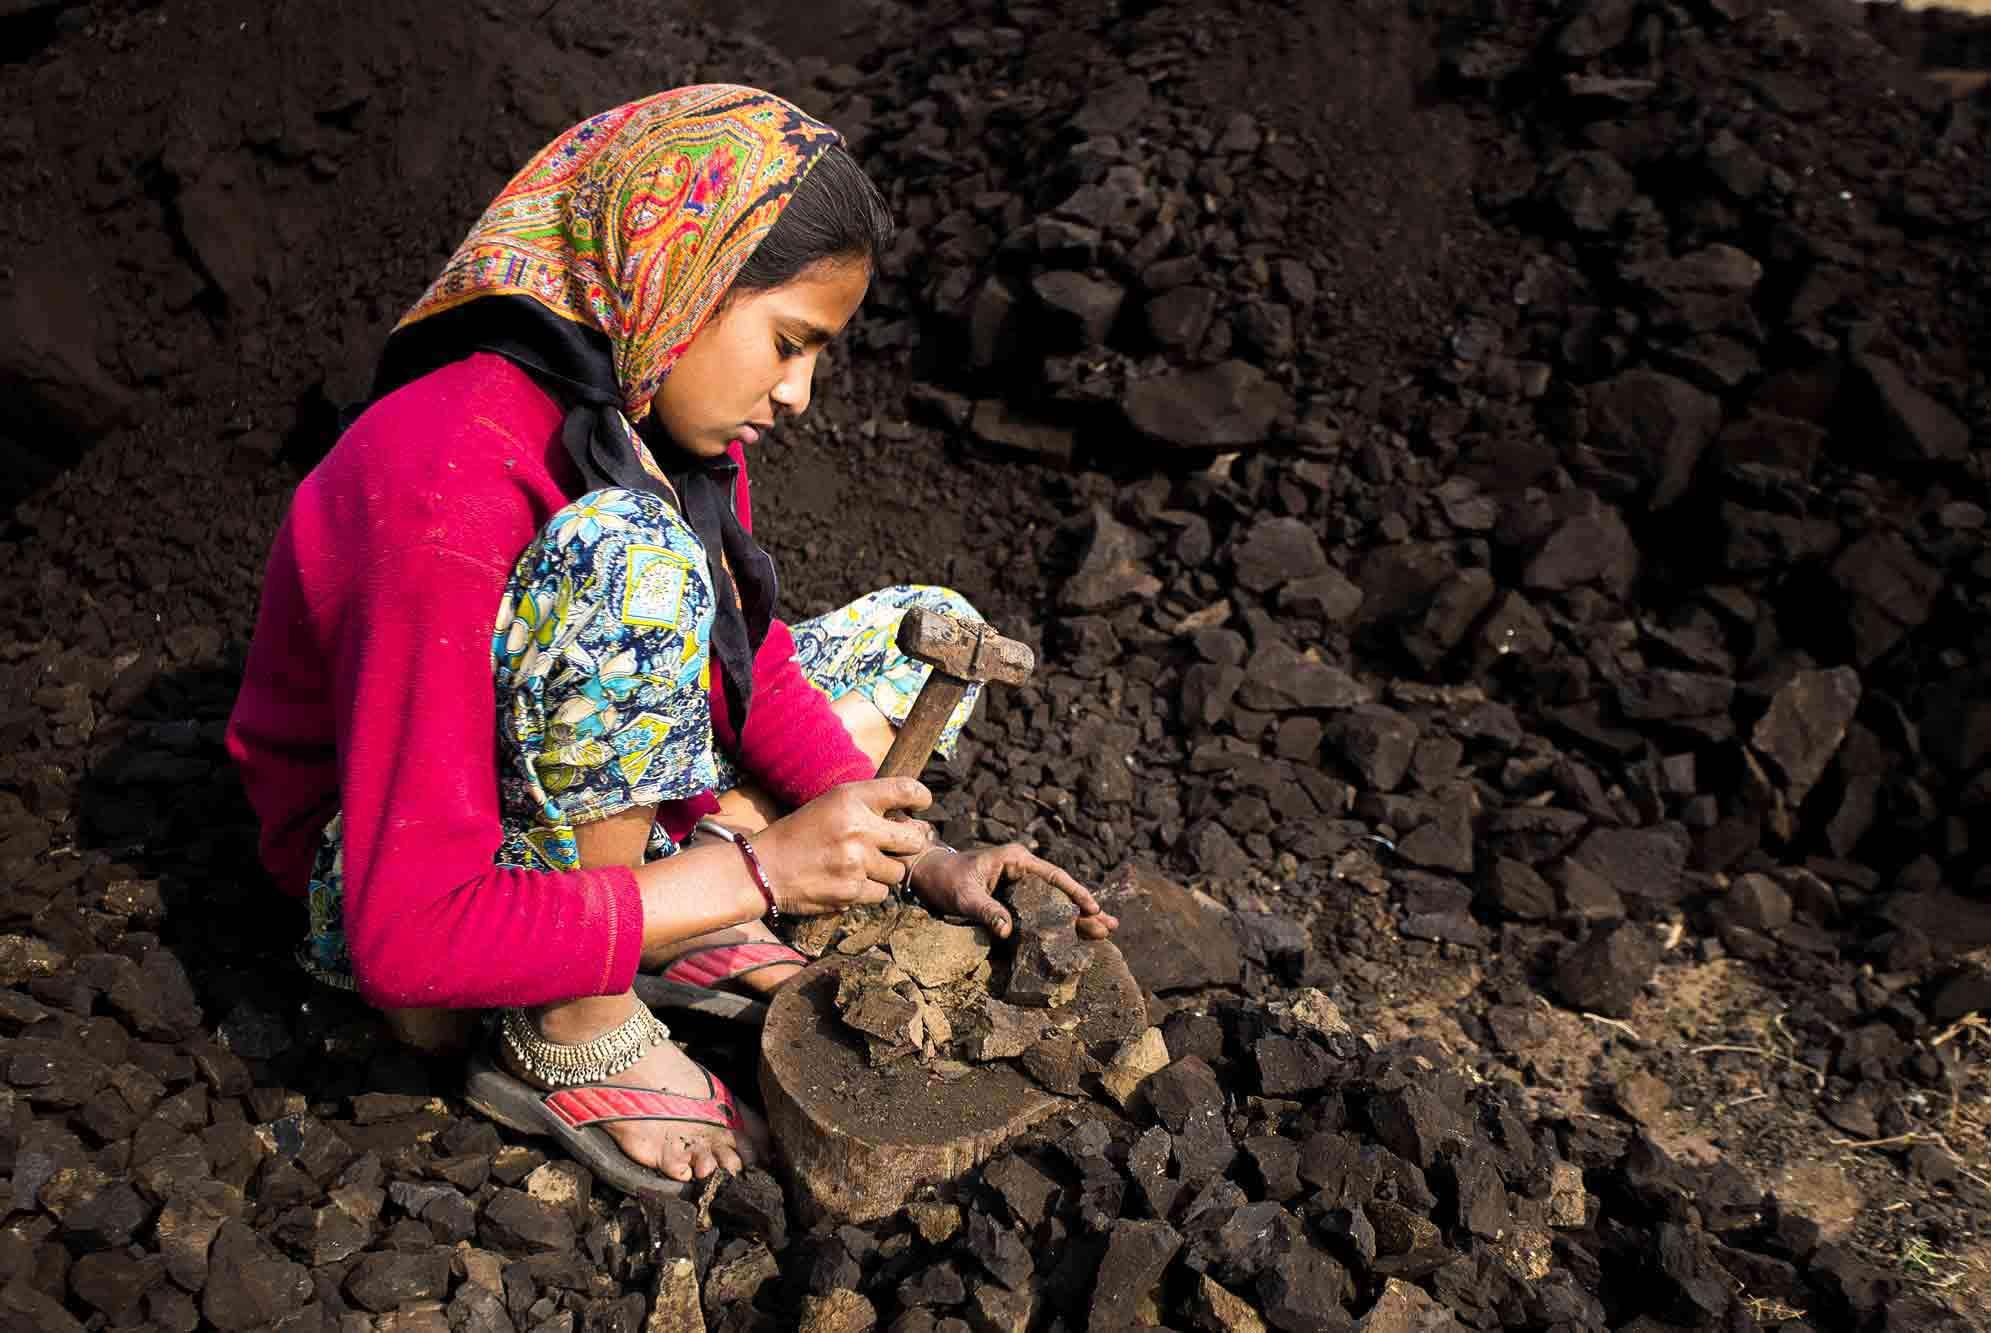 Child in Slavery in India